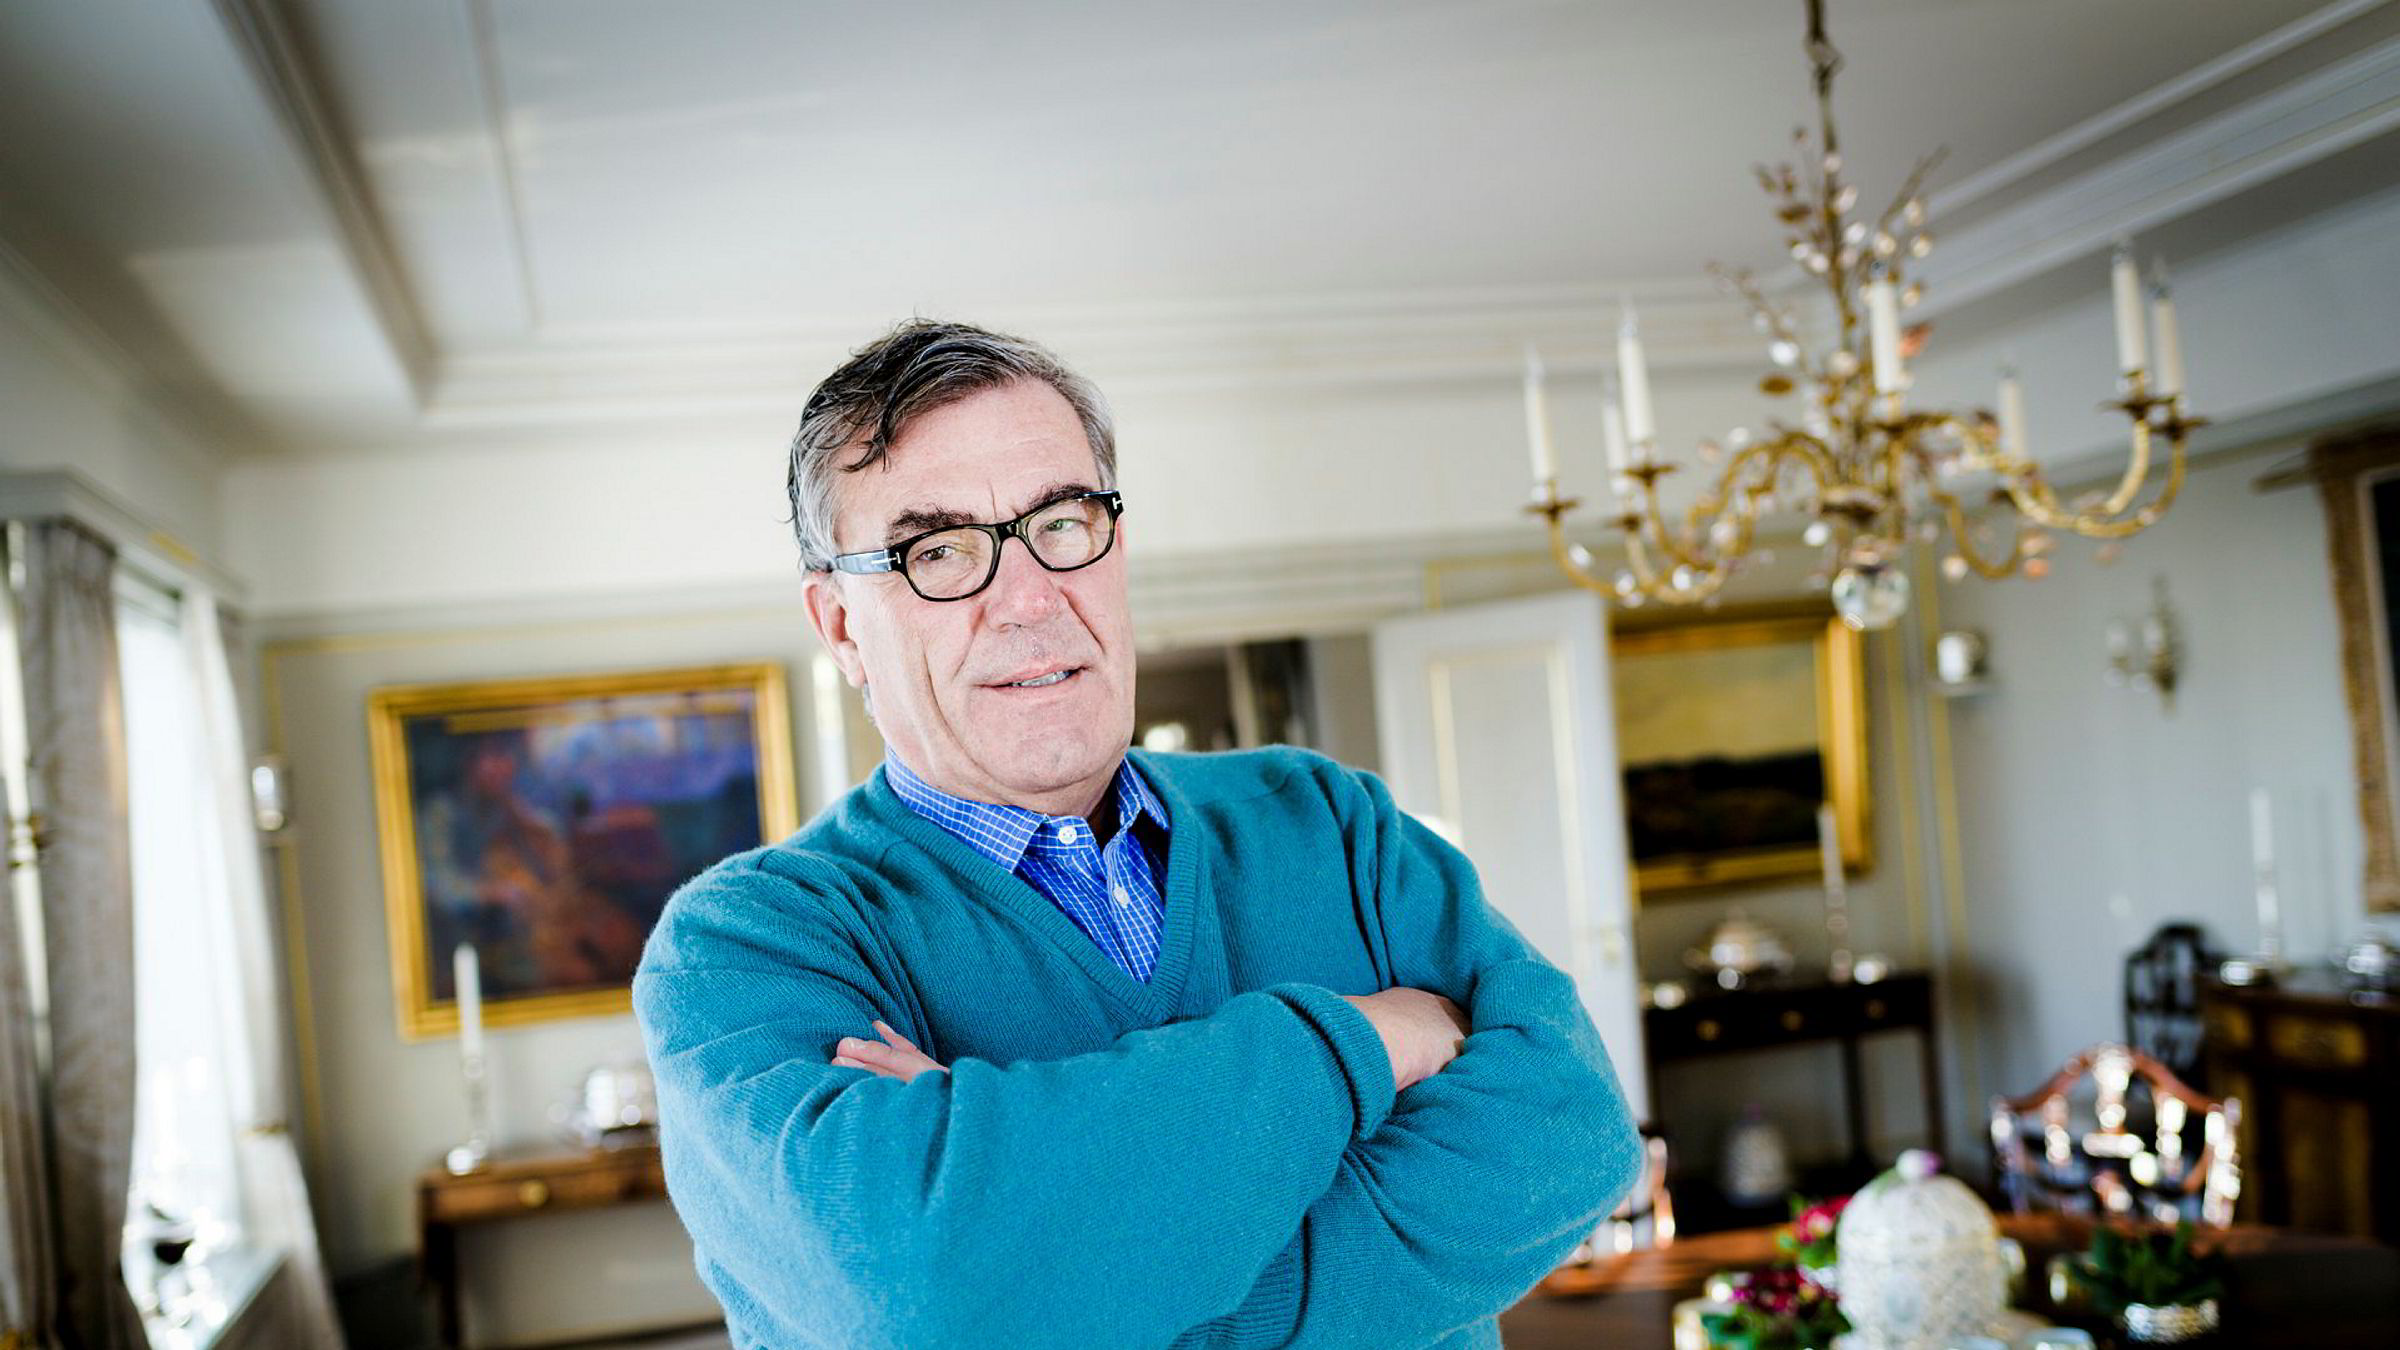 Stein Erik Hagen opprettet Nordens største spa- og velværesenter i 2014. Siden den gang har han tapt 103 millioner kroner på The Well. Det hindrer ikke milliardæren i å utvide spasenteret med hotellvirksomhet.